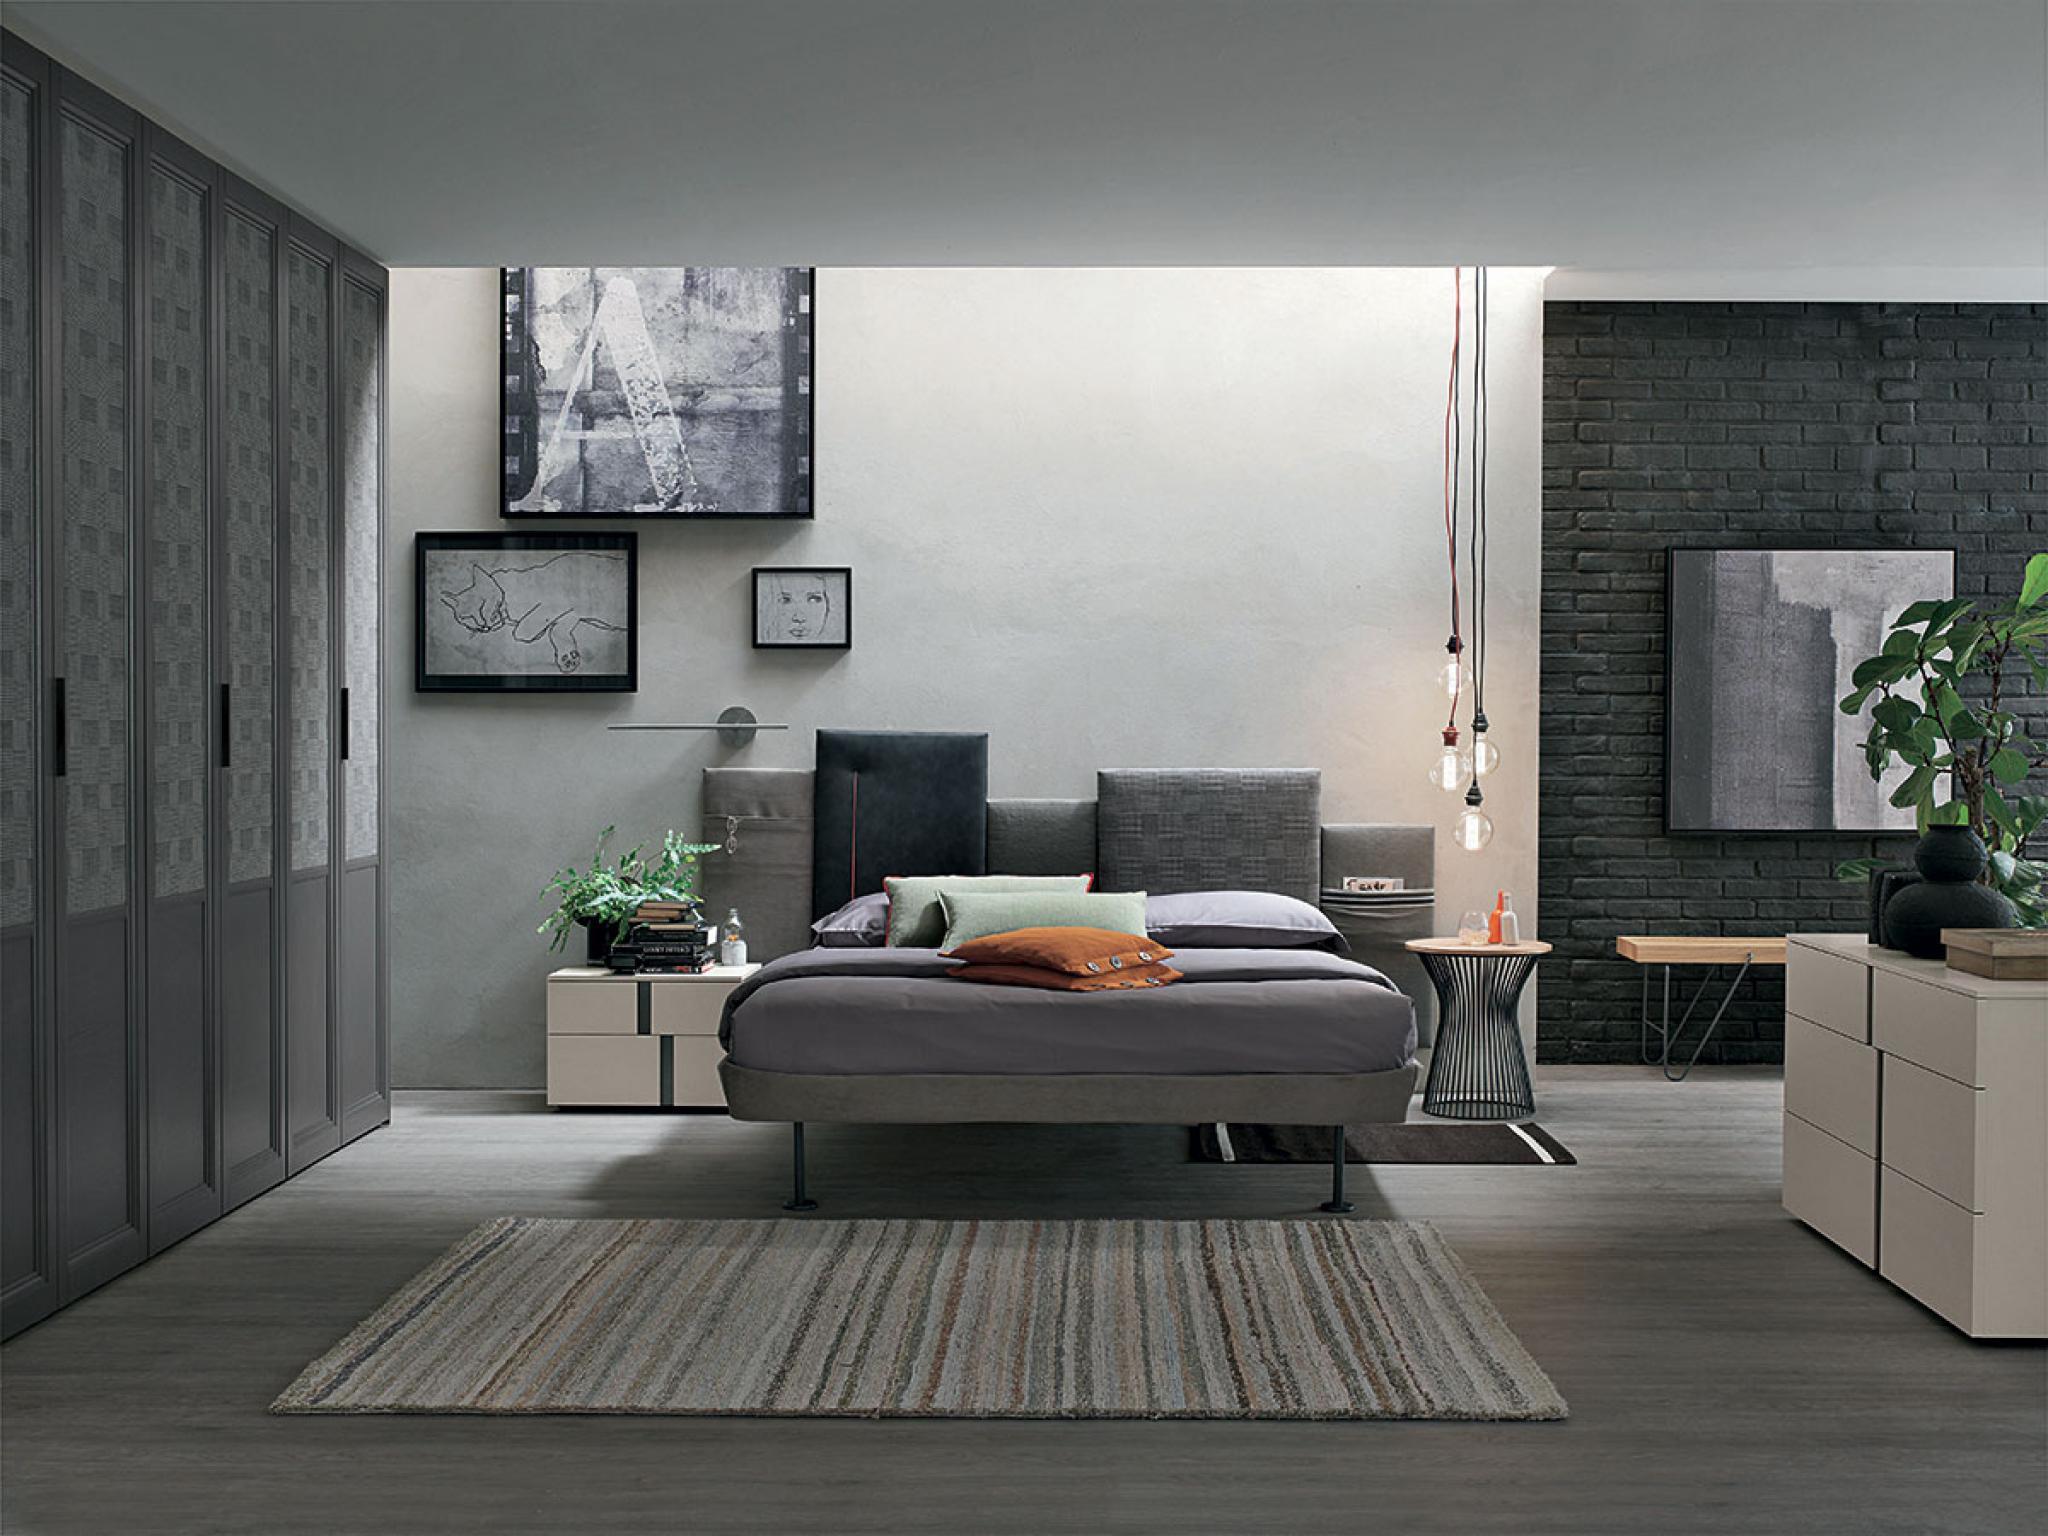 Camere da letto - Camera da letto stile industriale ...